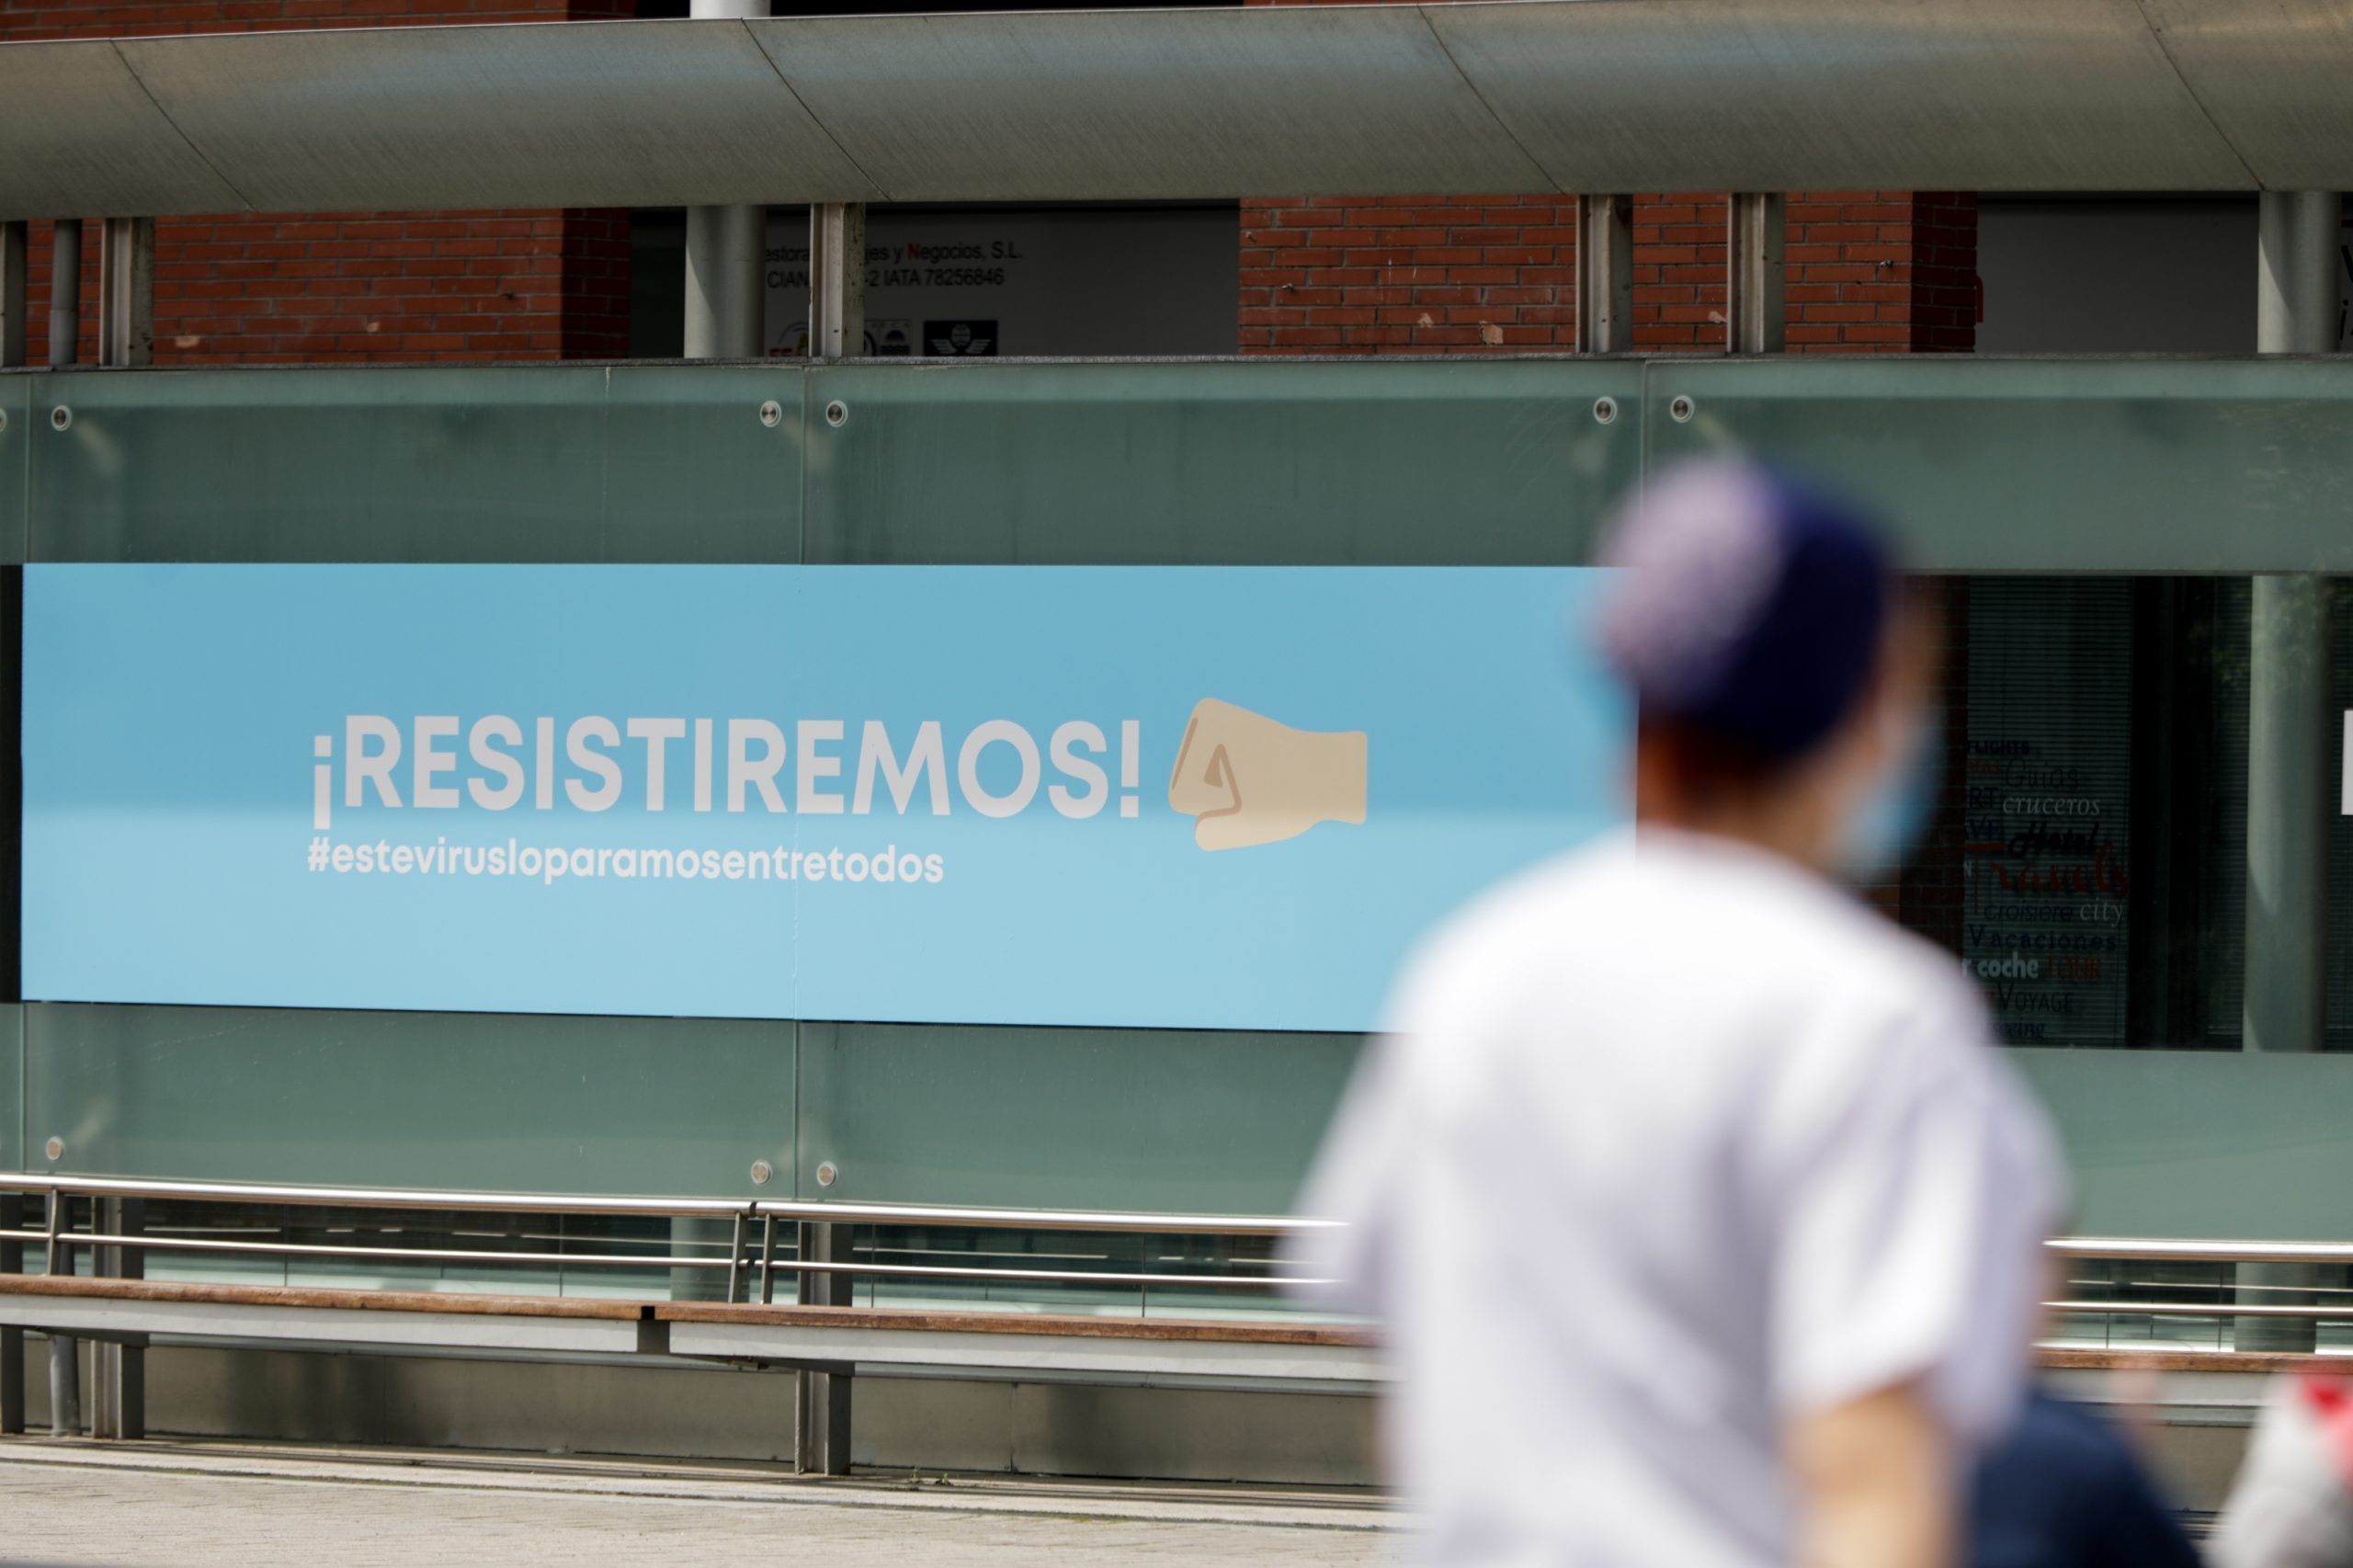 Más de 900 víctimas mortales desde el inicio de la pandemia en Extremadura